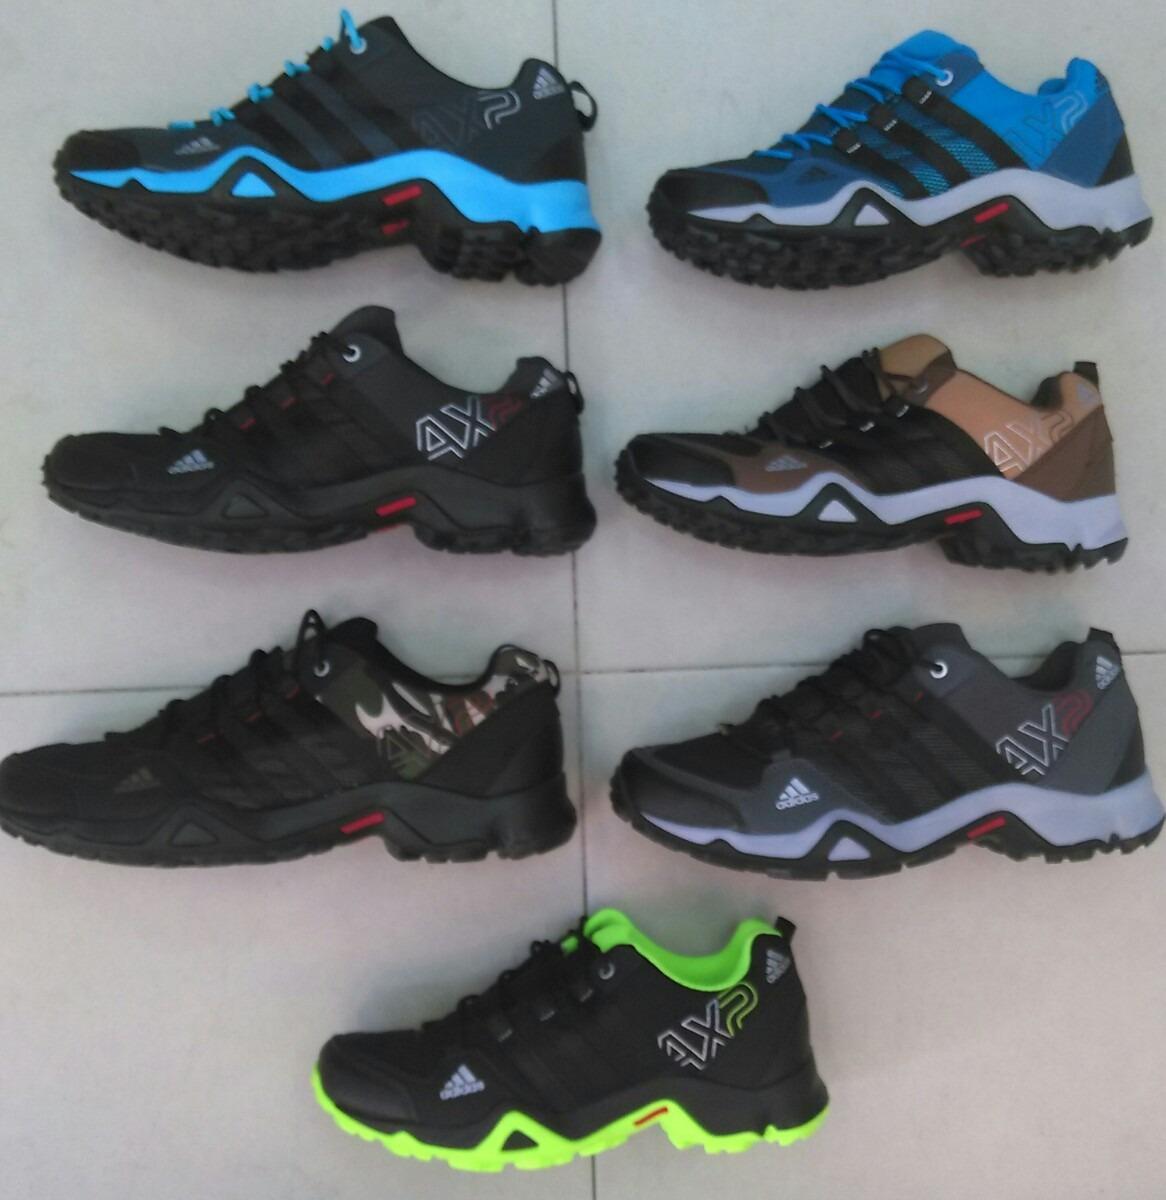 zapatillas adidas 2016 hombre